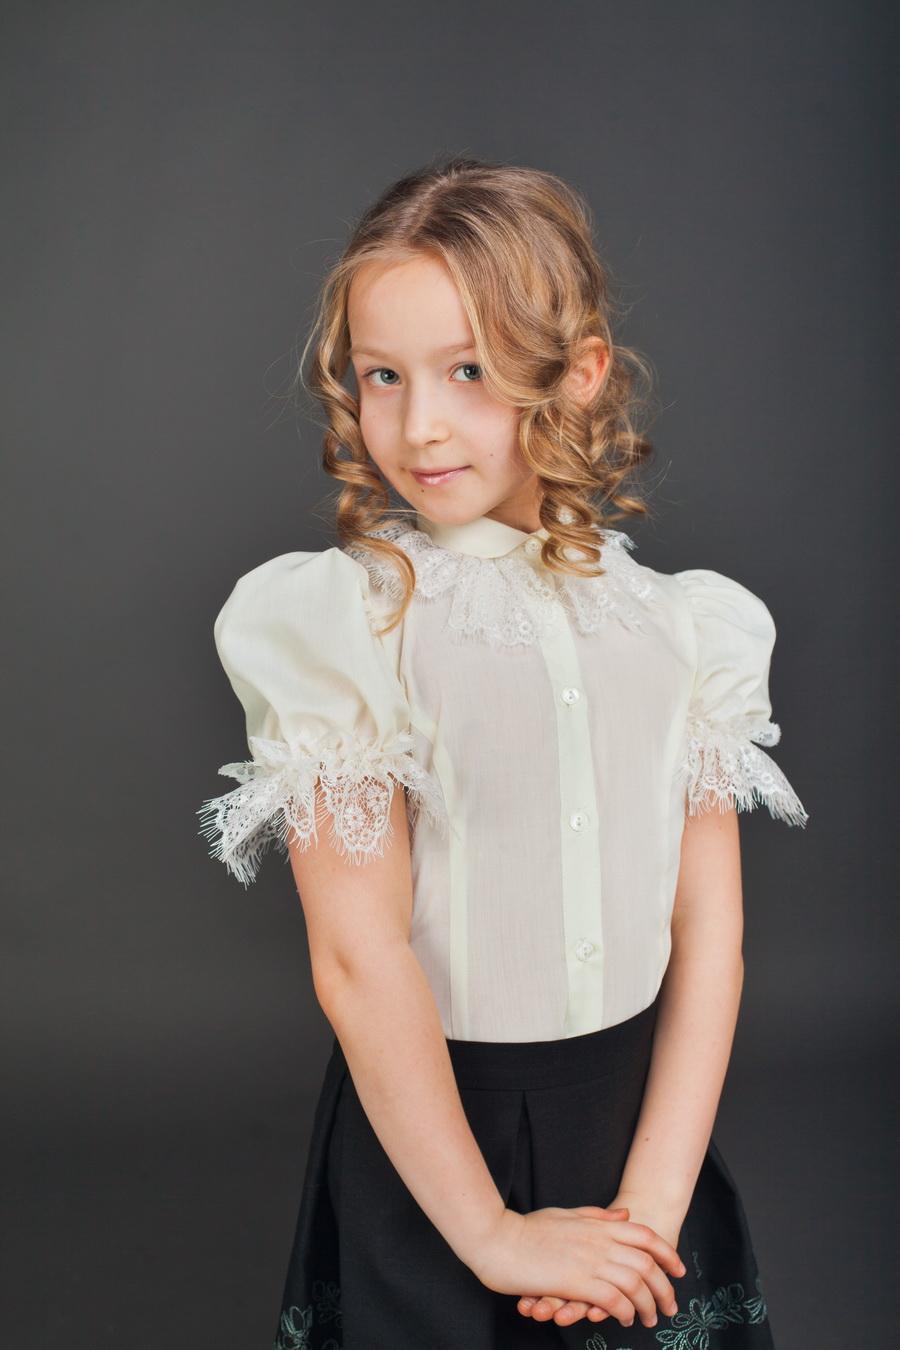 Купить блузки и рубашки для девочек в школу